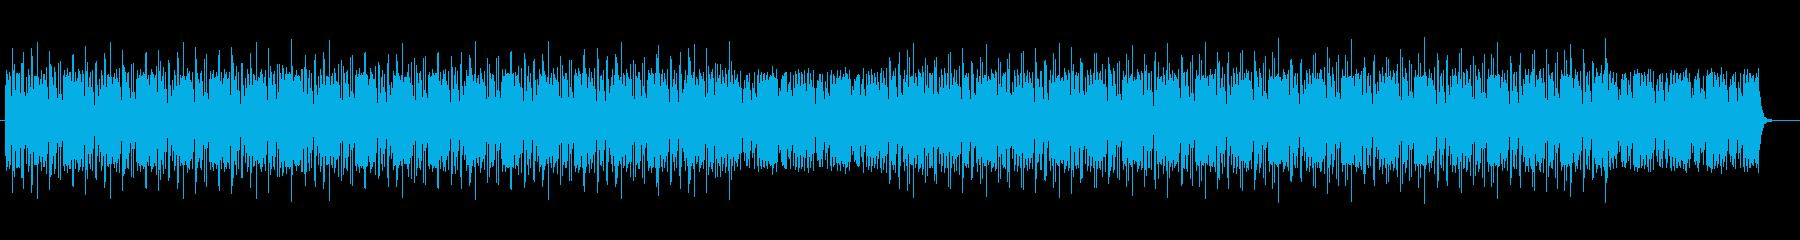 陽気でキャッチ―で軽快なBGMサウンドの再生済みの波形